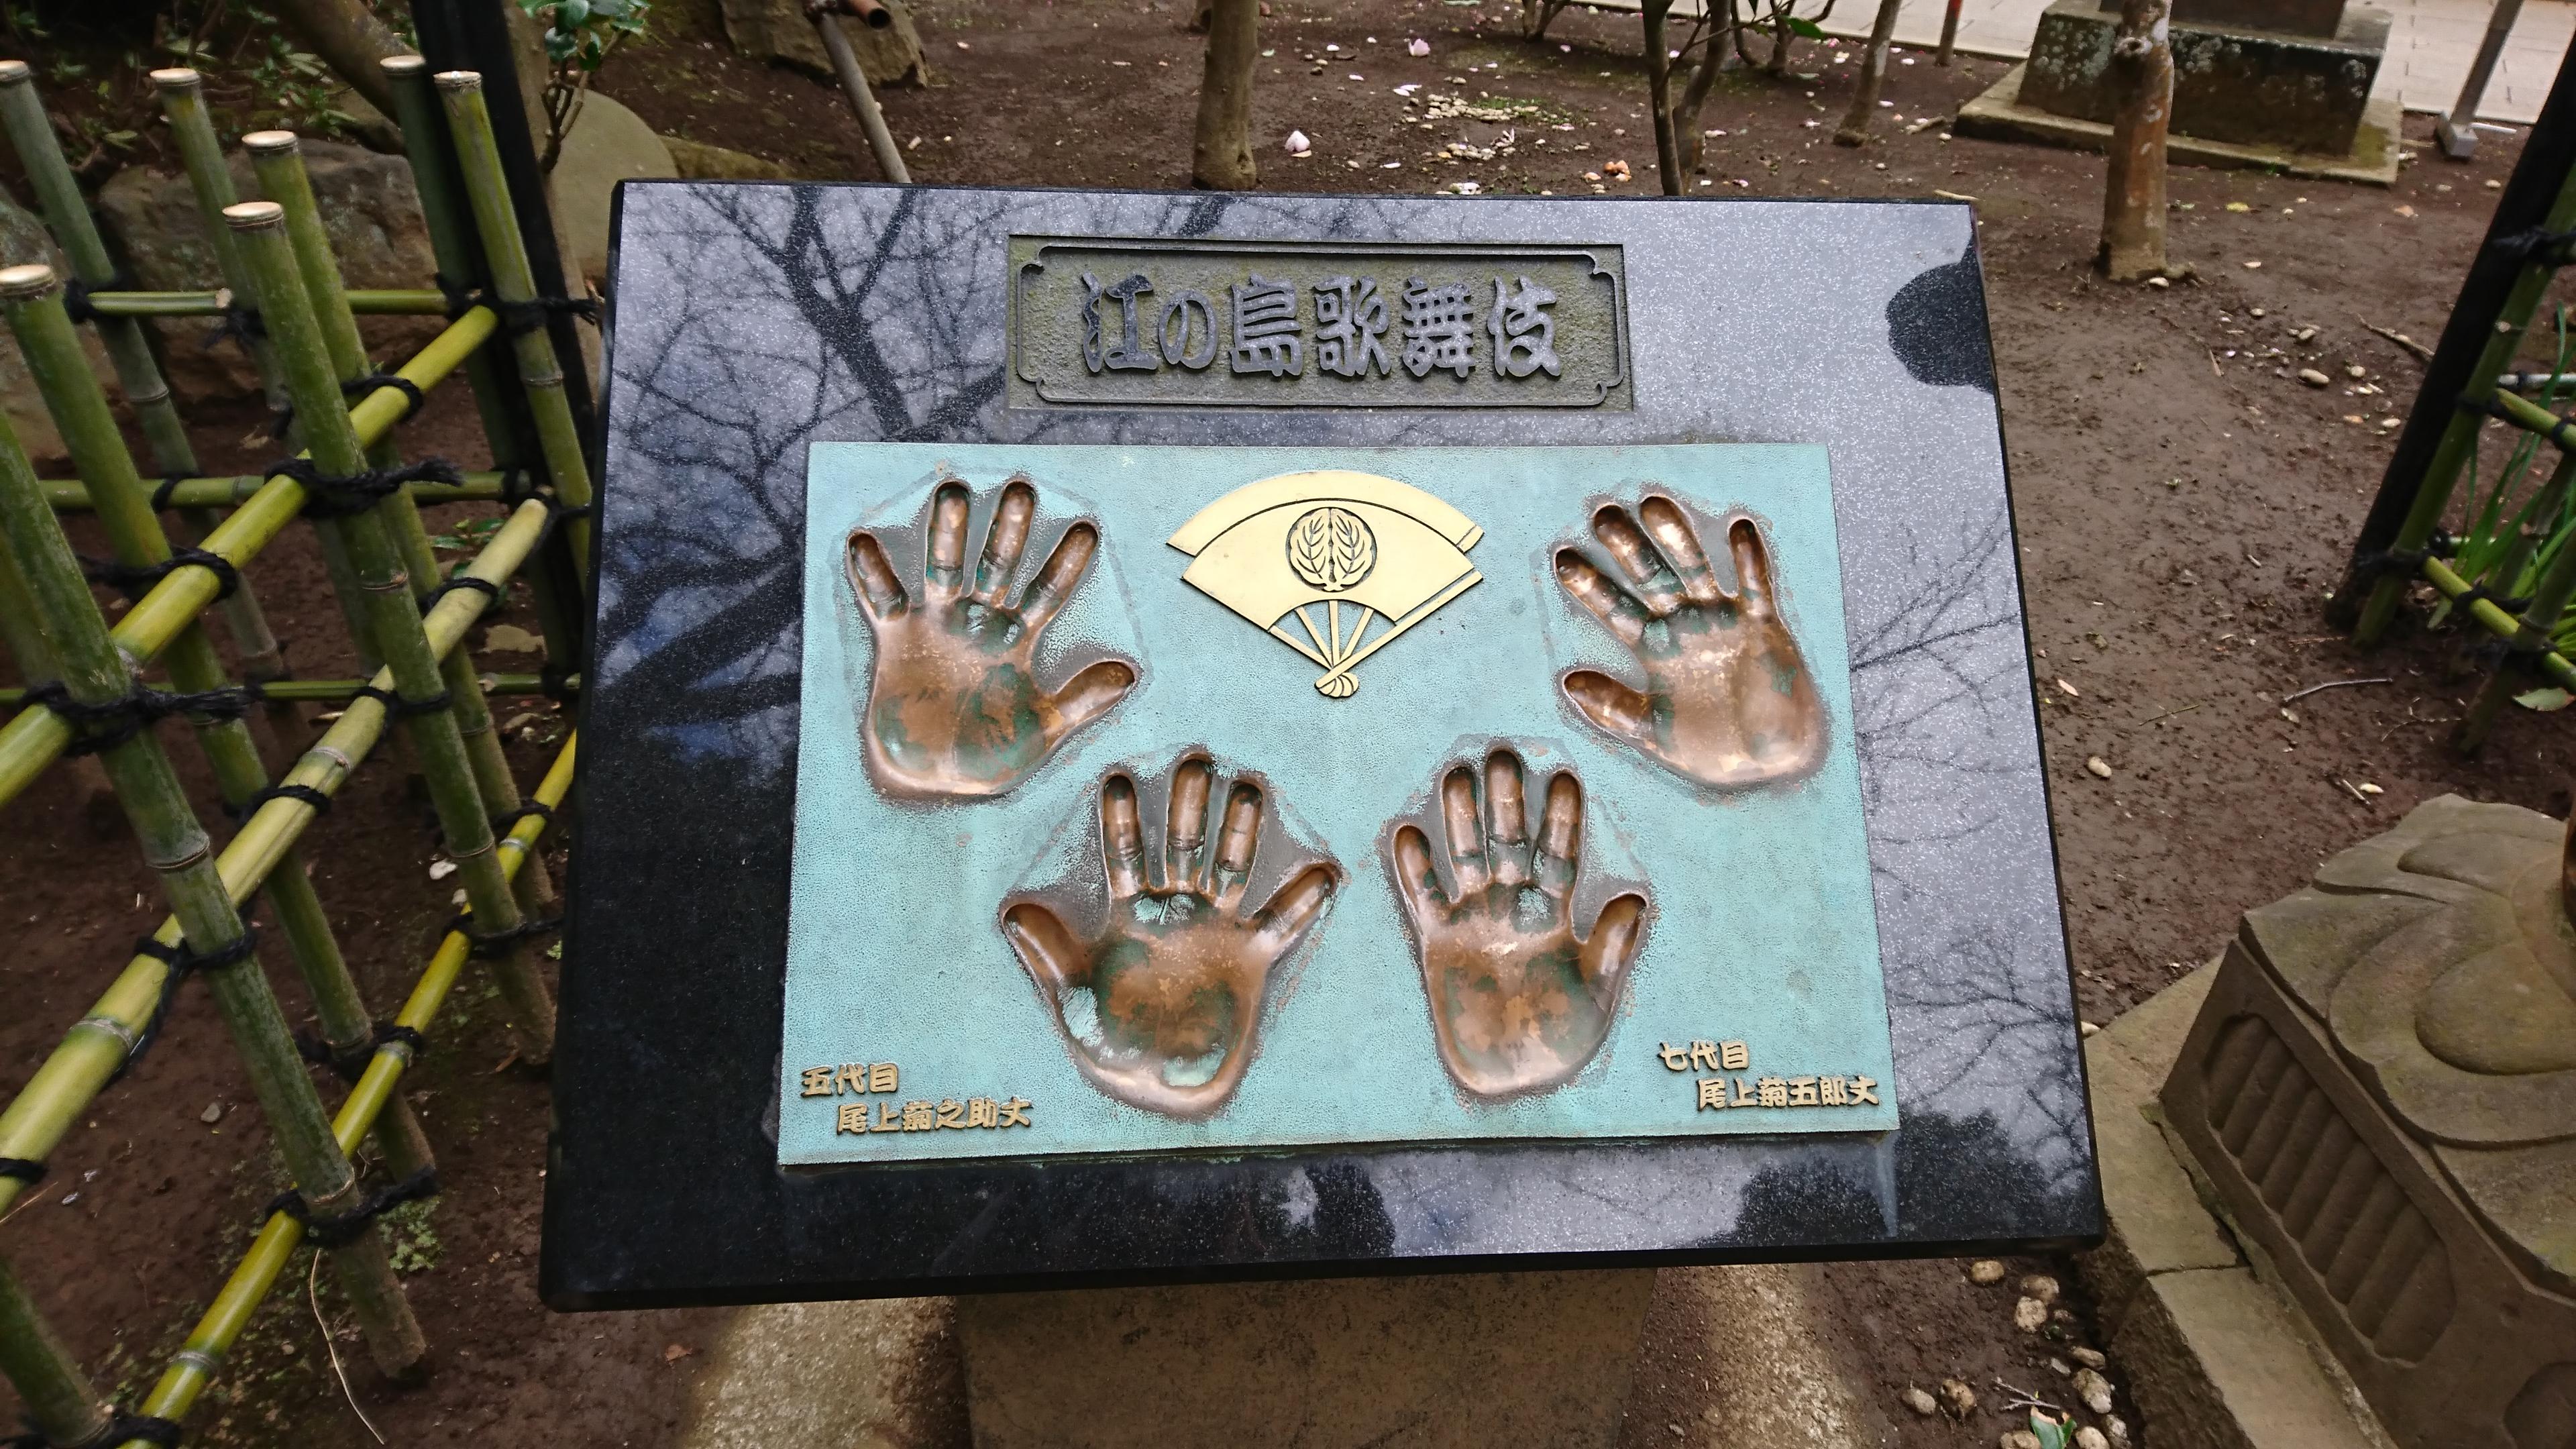 江ノ島神社中津宮境内にある江ノ島歌舞伎の手形